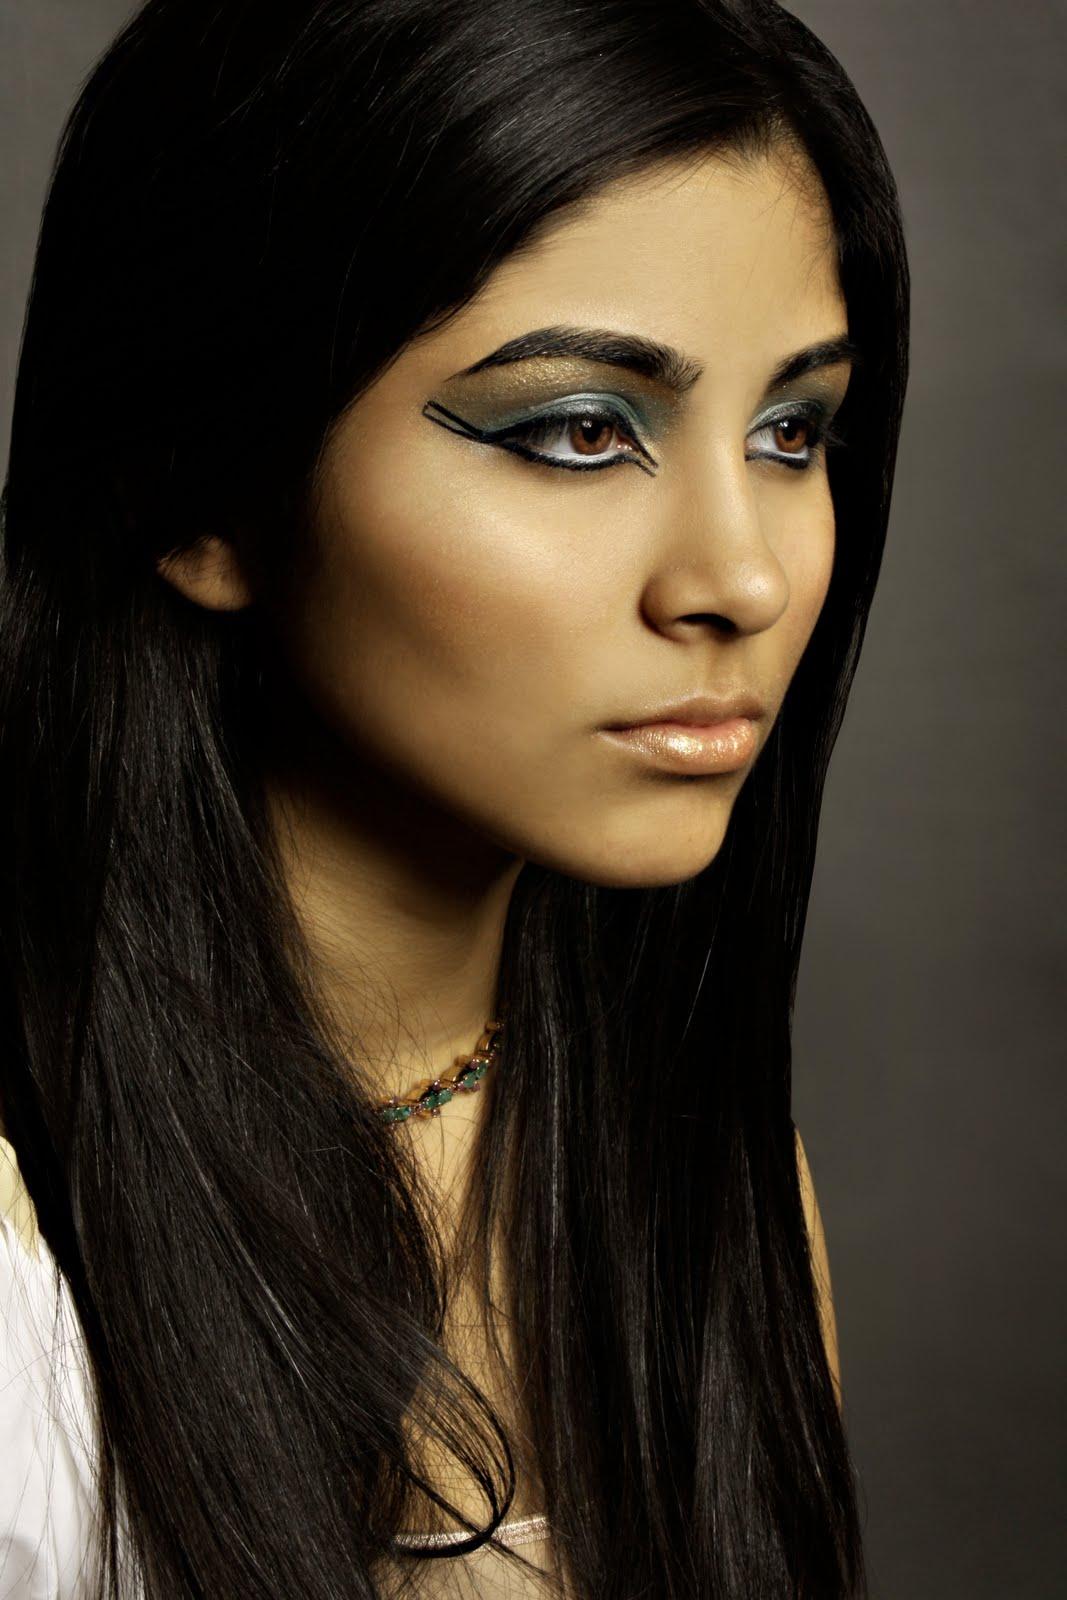 Landon Ray Photography Miss Cleopatra